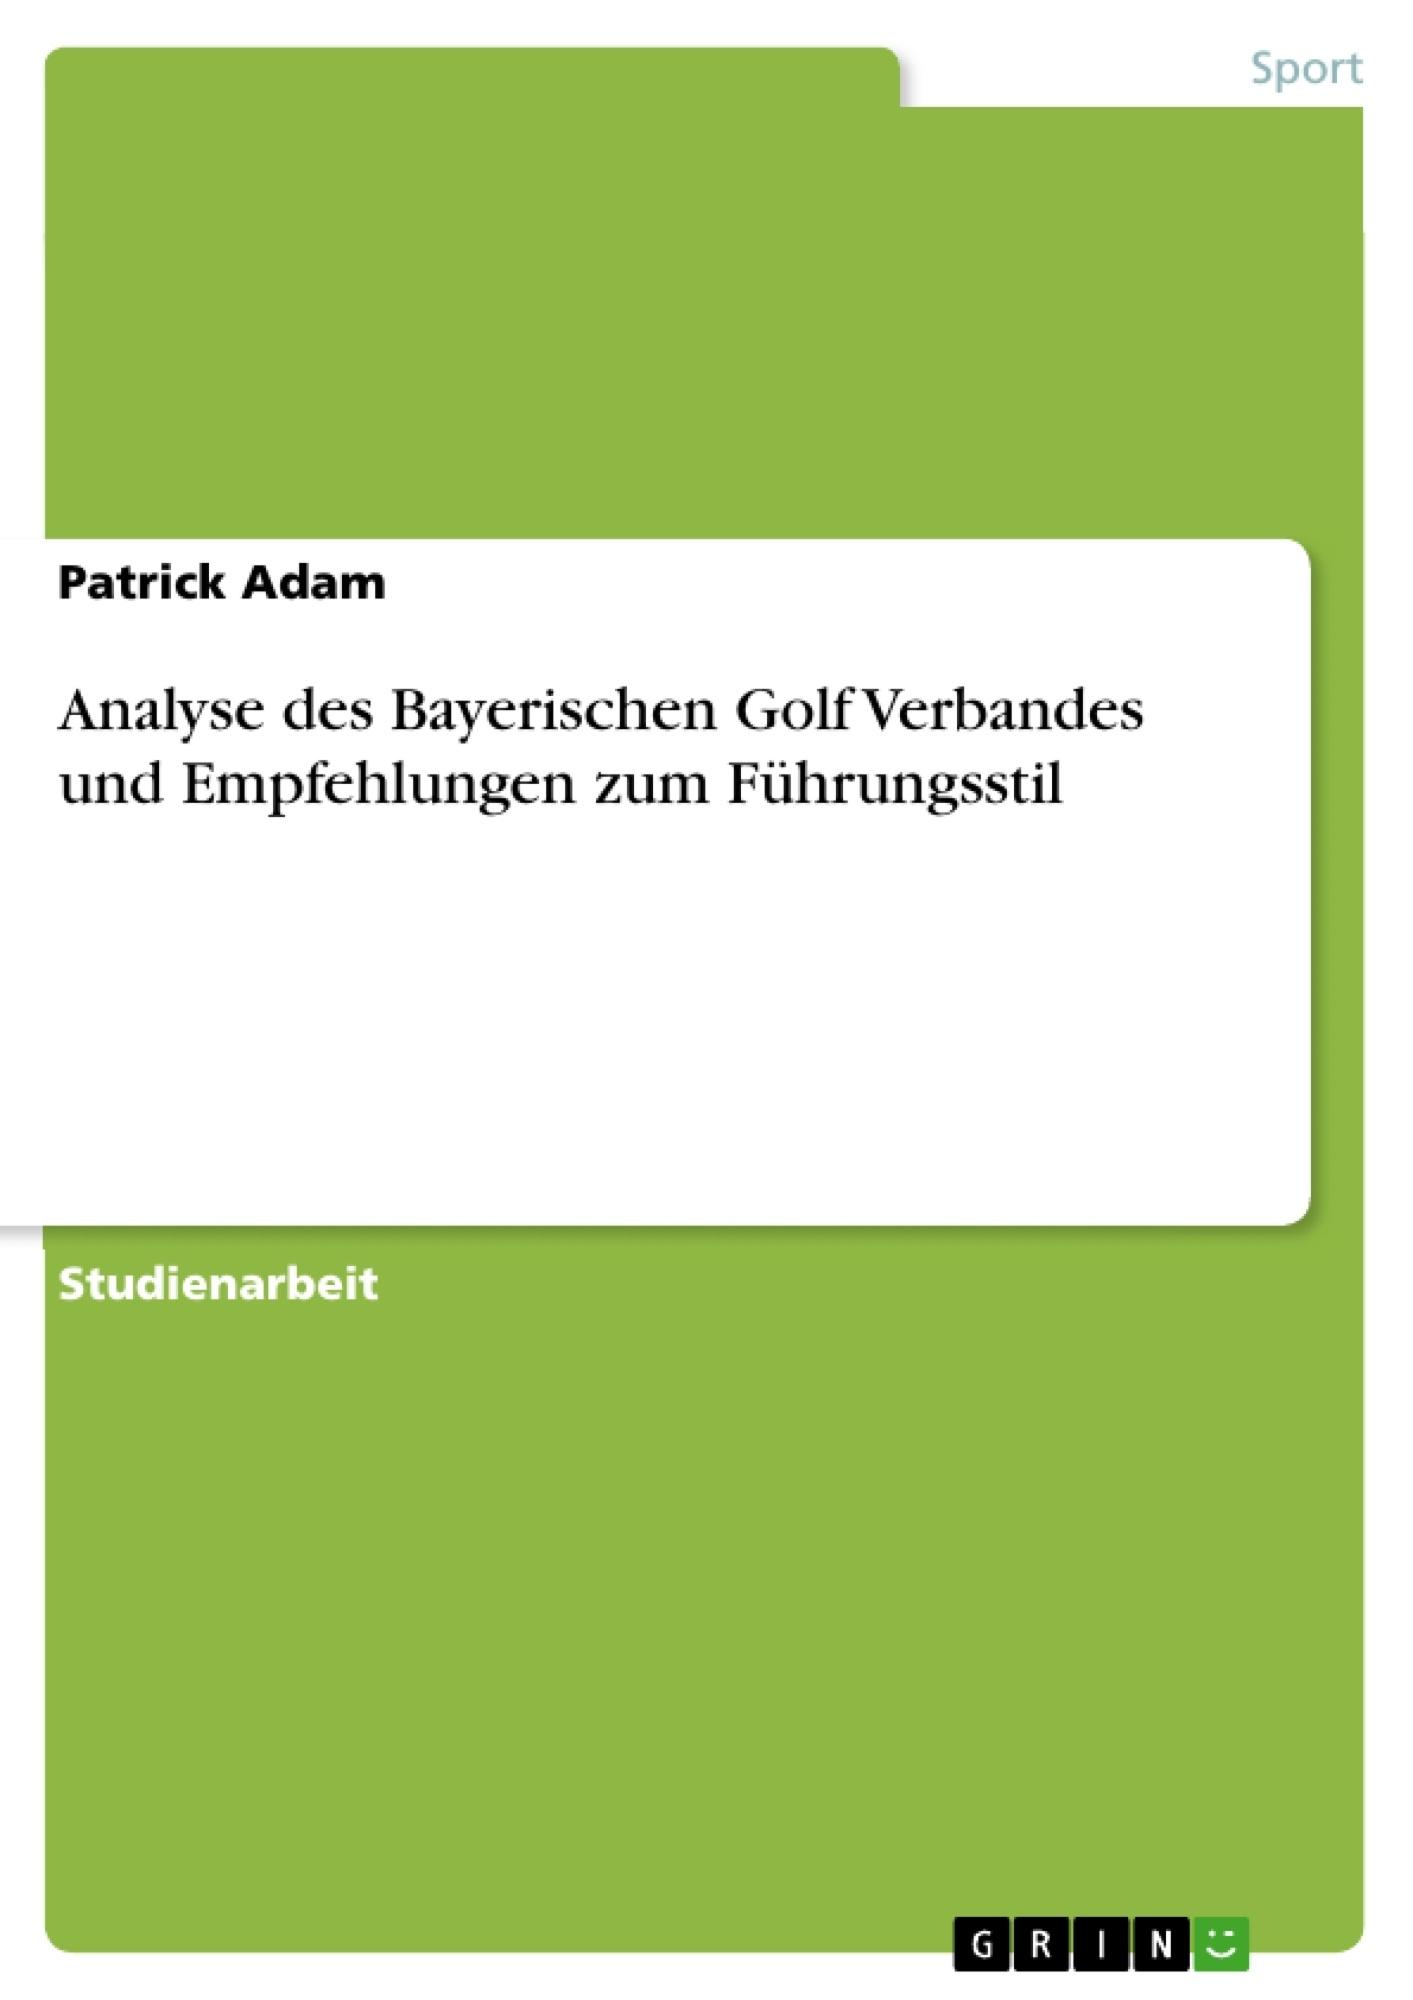 Titel: Analyse des Bayerischen Golf Verbandes und Empfehlungen zum Führungsstil